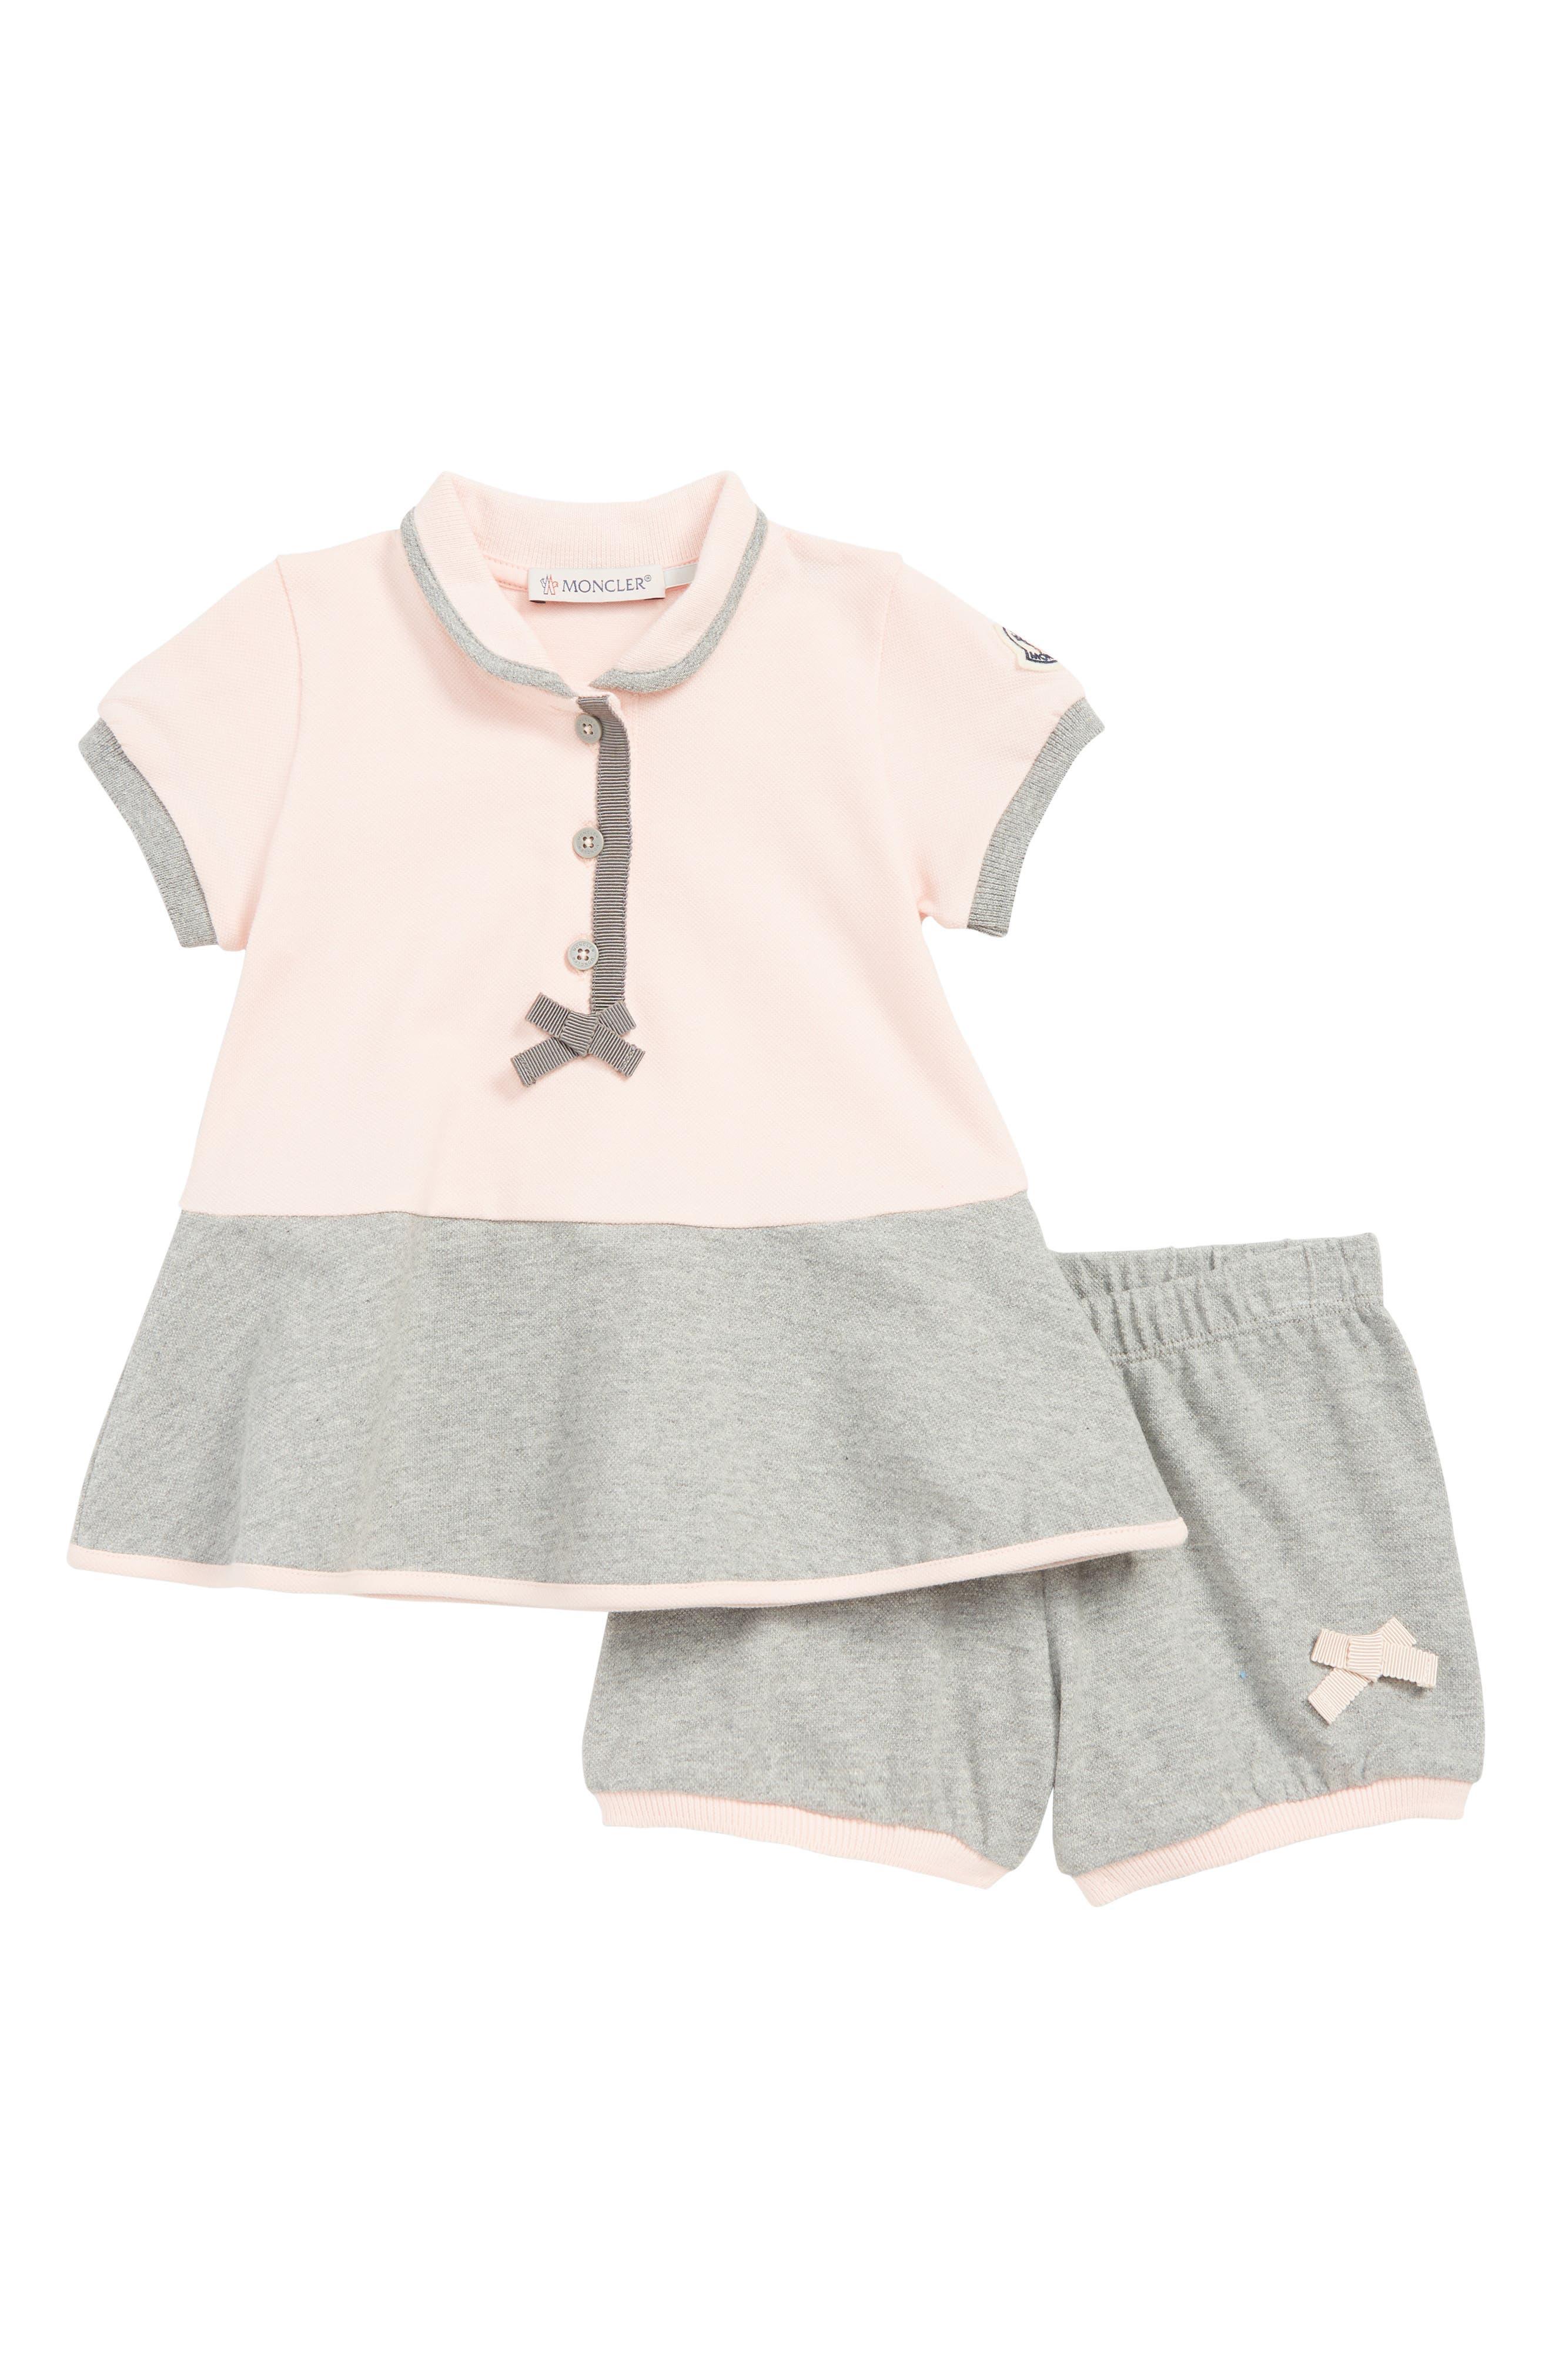 MONCLER Abito Knit Dress, Main, color, DARK PINK